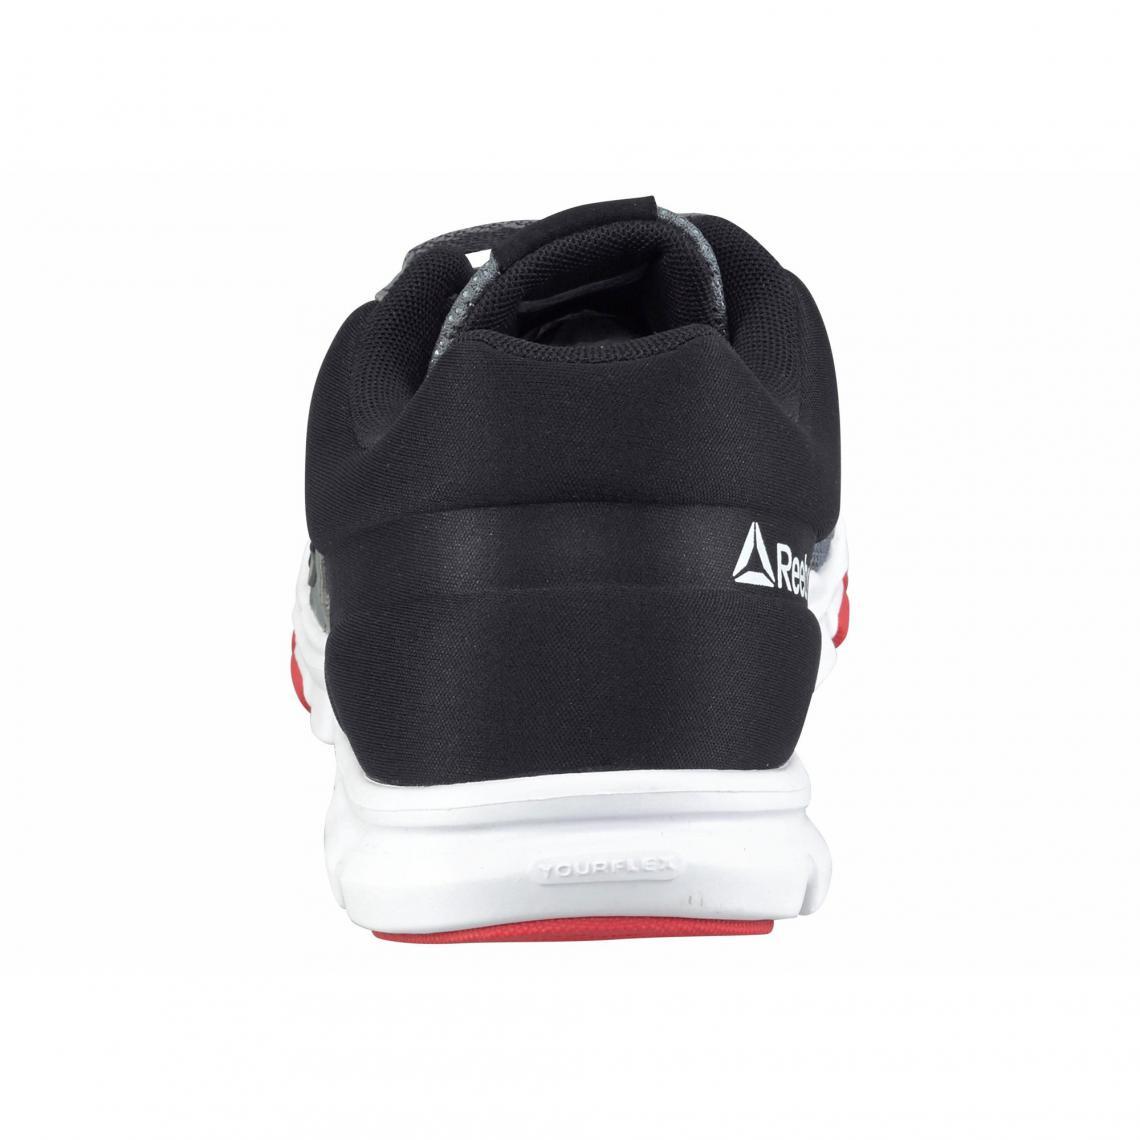 afc4623224572 Baskets Reebok Cliquez l image pour l agrandir. Reebok Yourflex Train 9.0  chaussures de sport pour homme - Gris Reebok